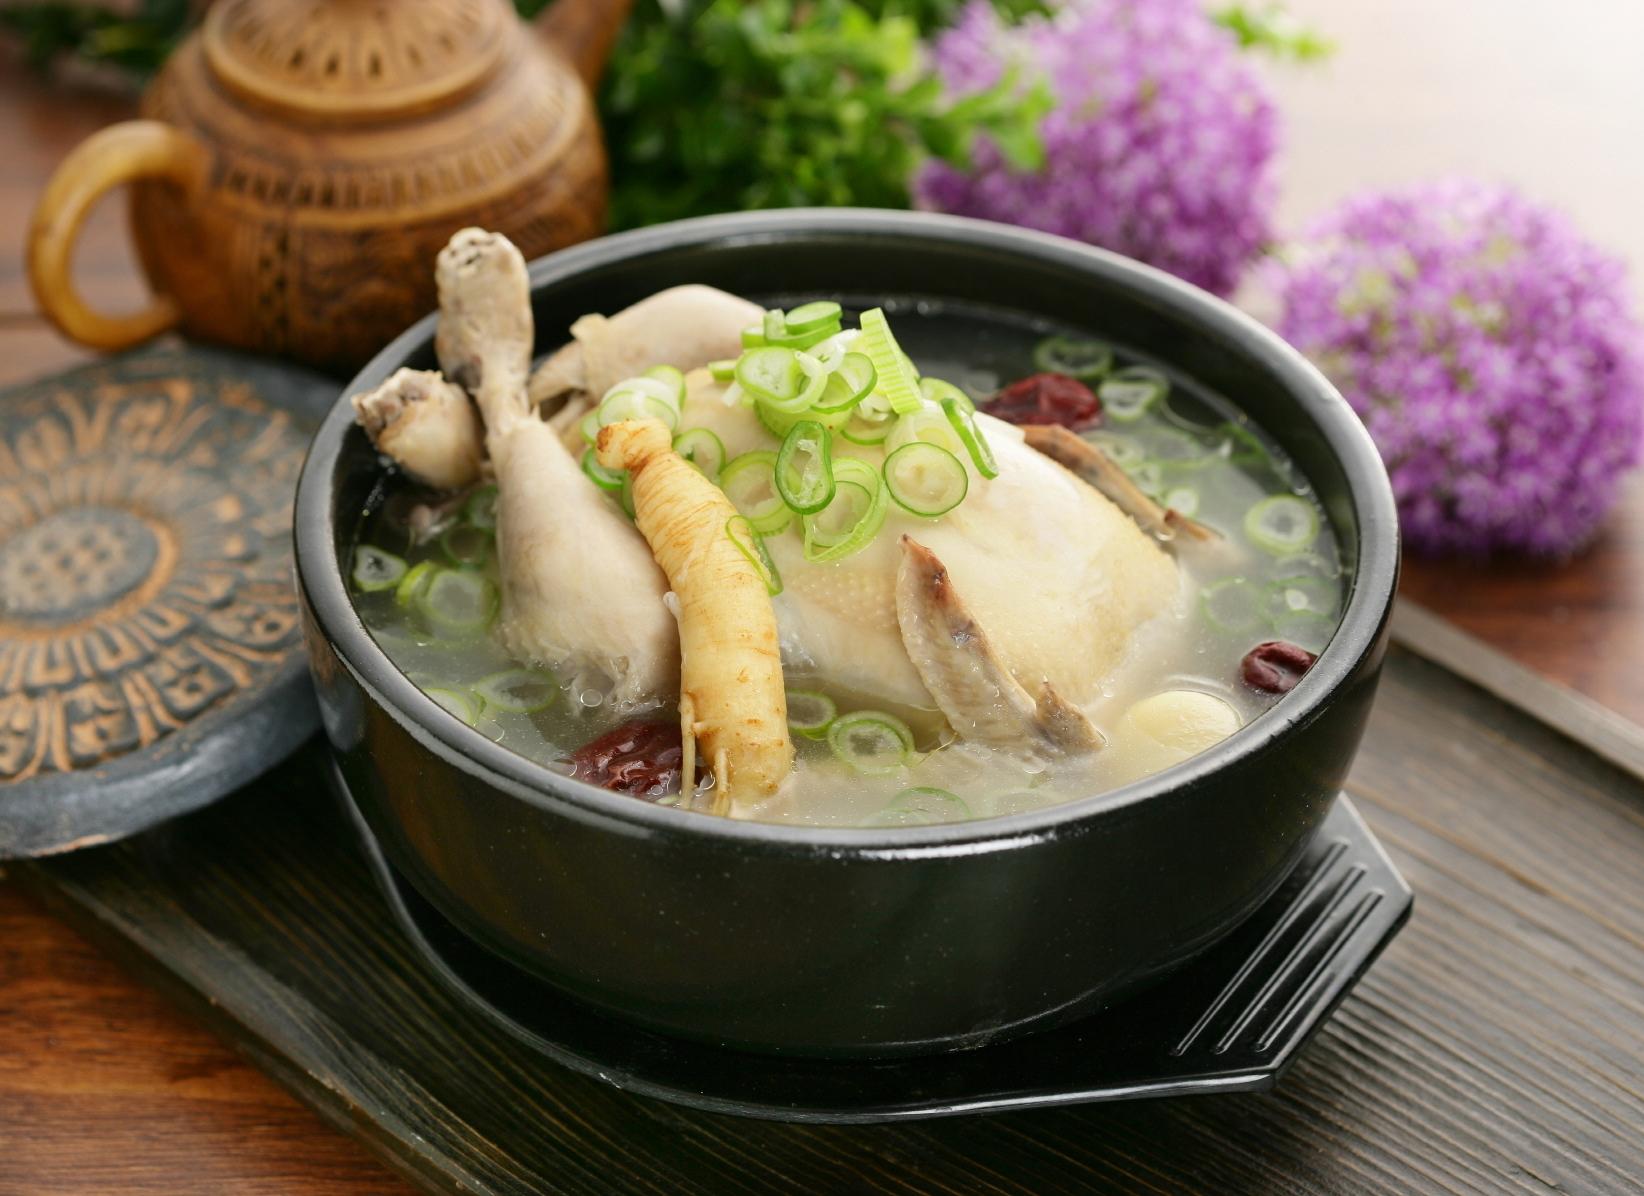 옛고개삼계탕-양학동삼계탕맛집 옛고개삼계탕